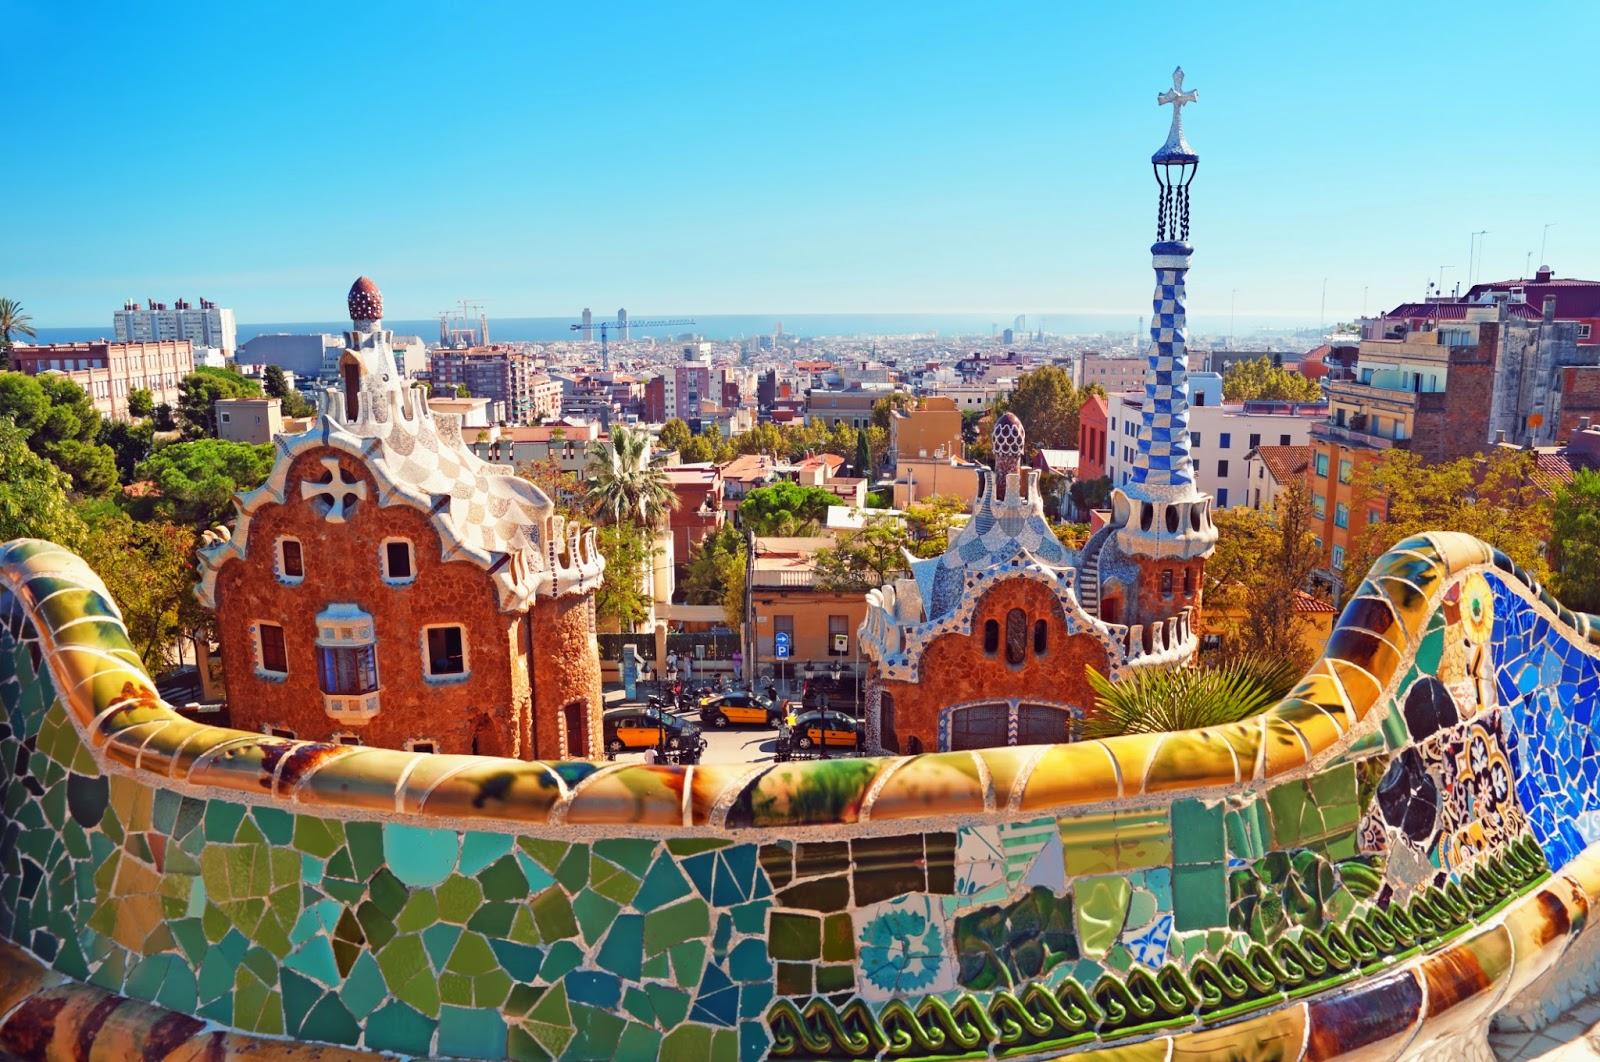 Parque g ell em barcelona dicas de barcelona e espanha for Parques de barcelona